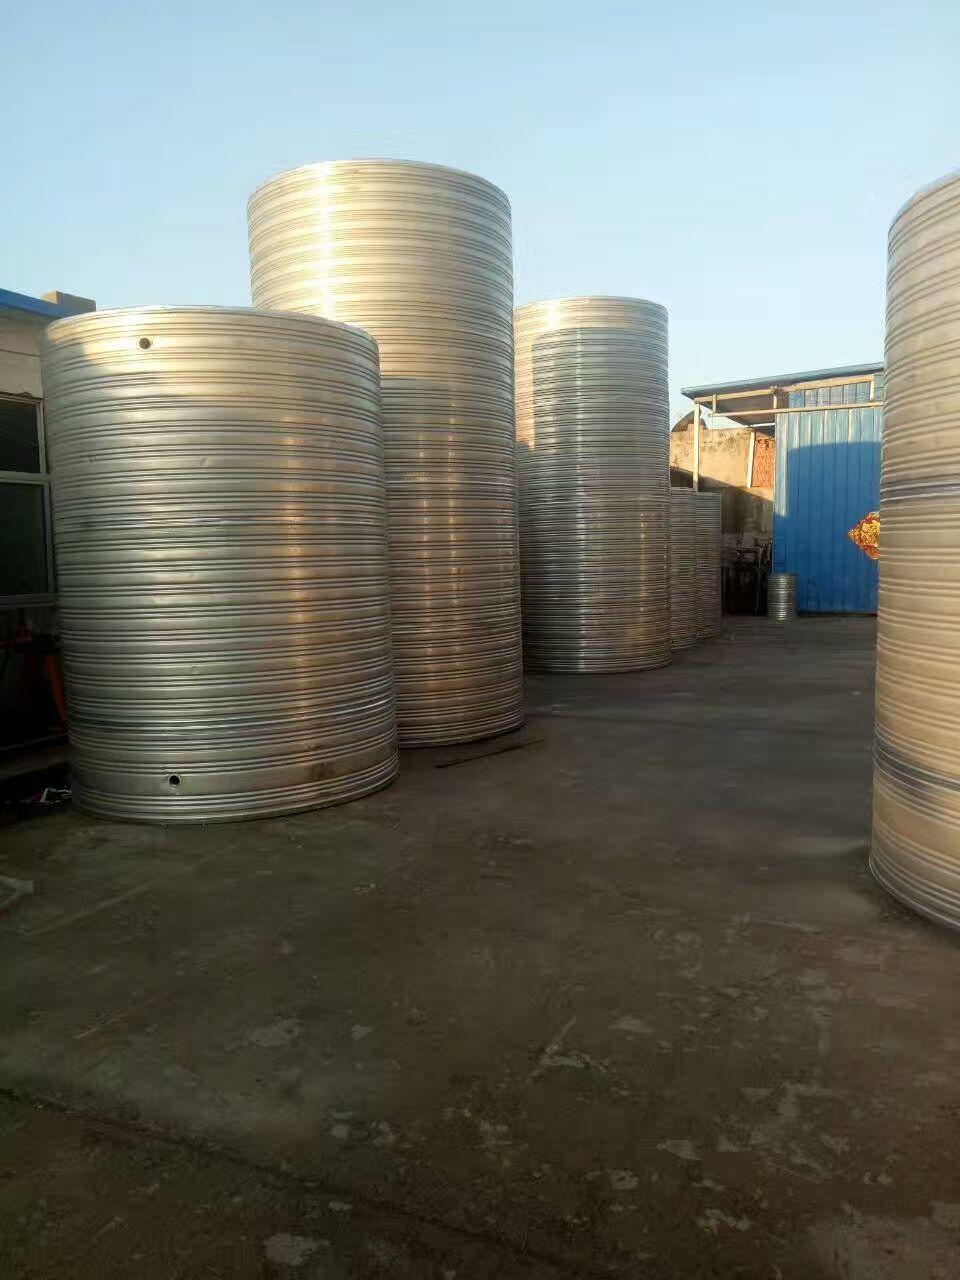 镇坪浴池保温桶价格18吨质量好价格低